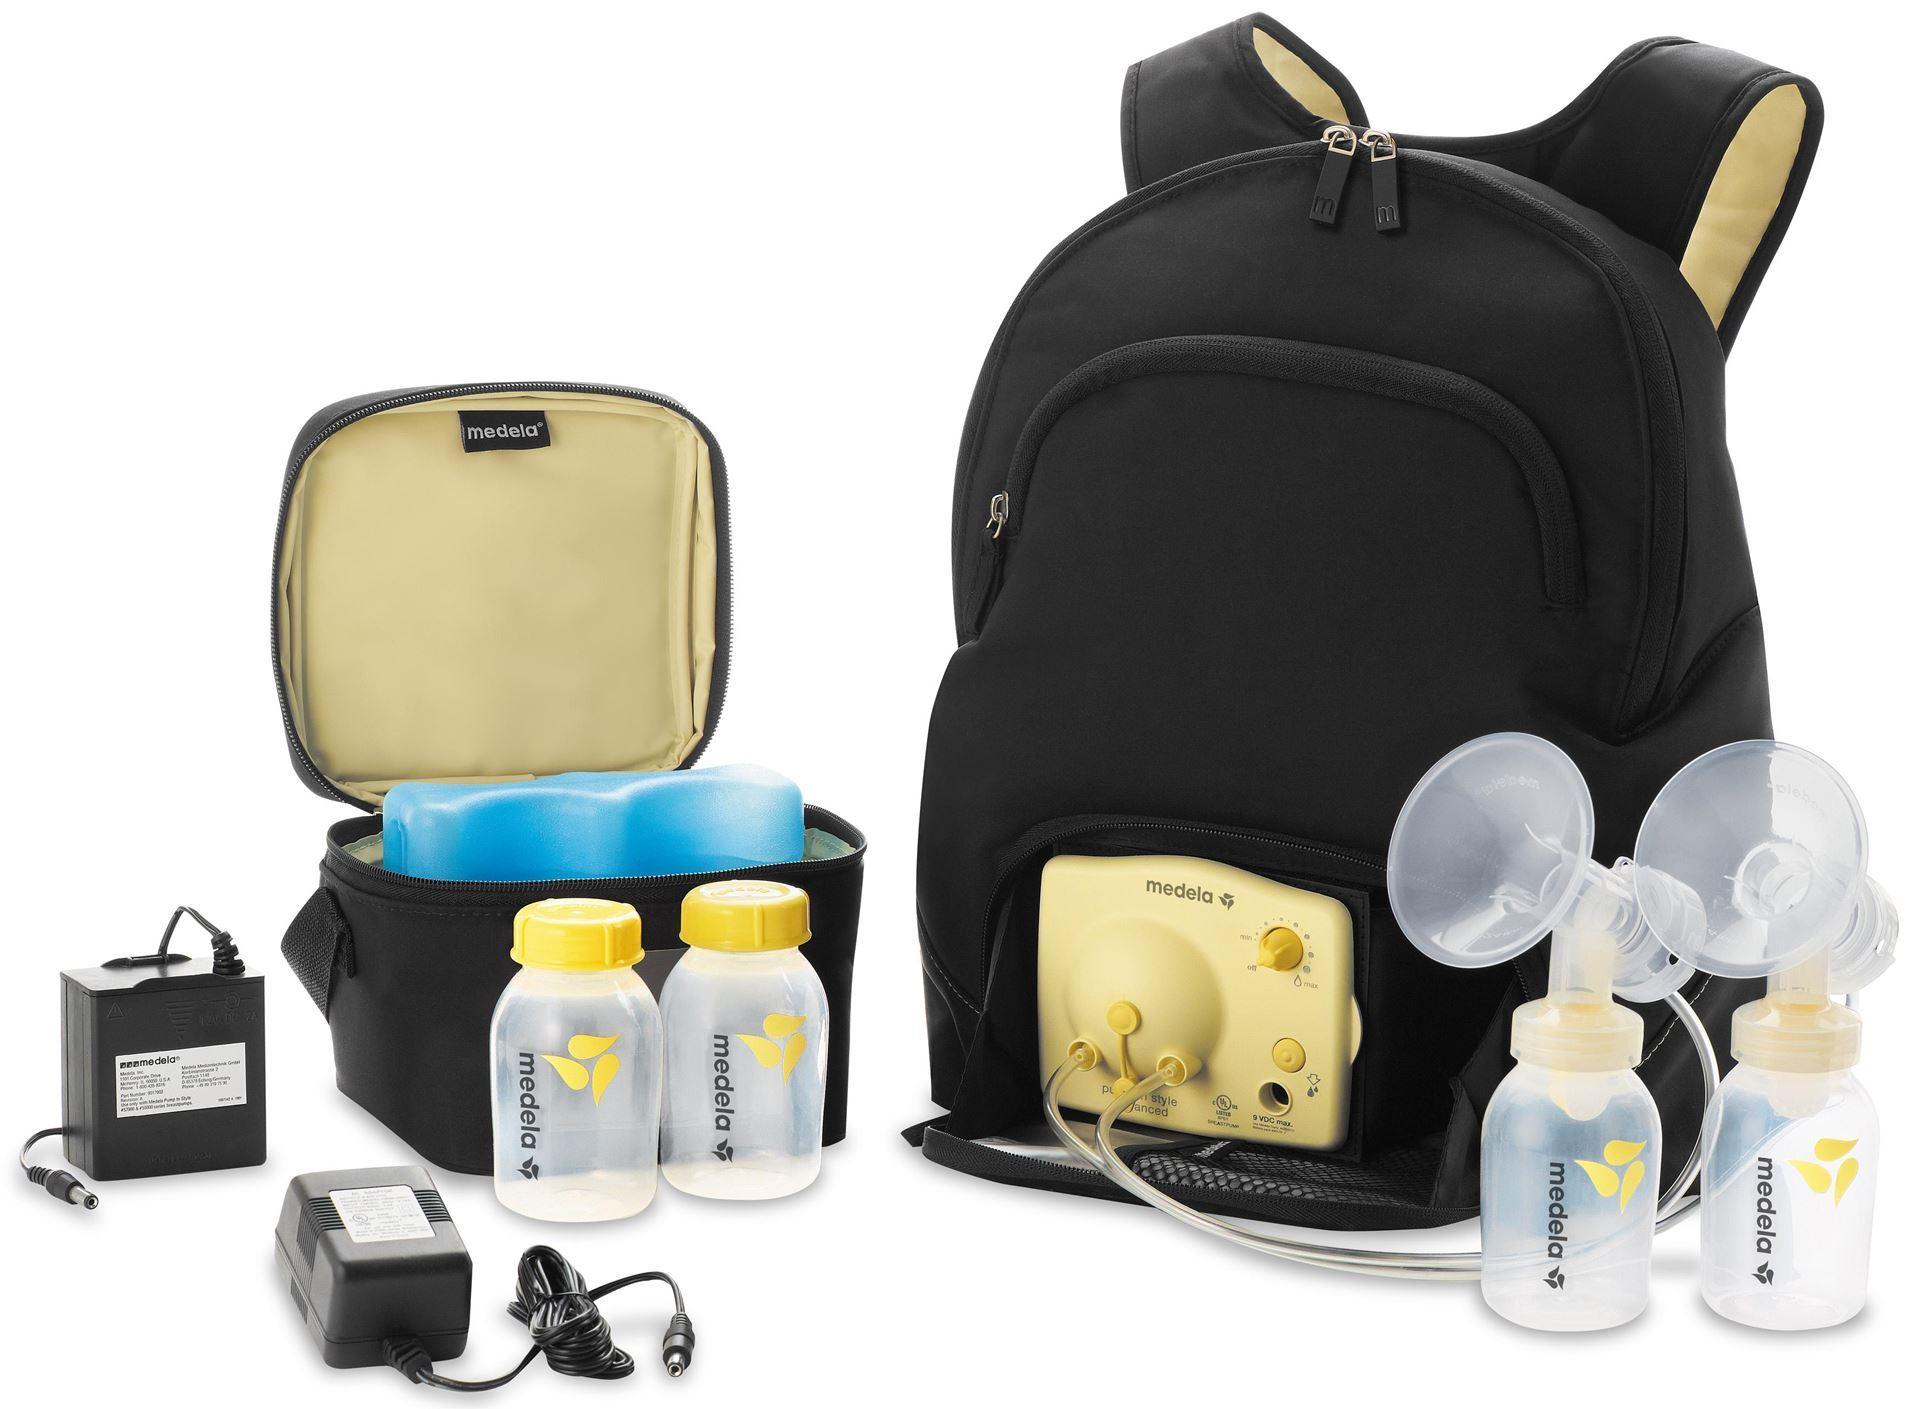 Medela Pump In Style Breastpump Backpack bag